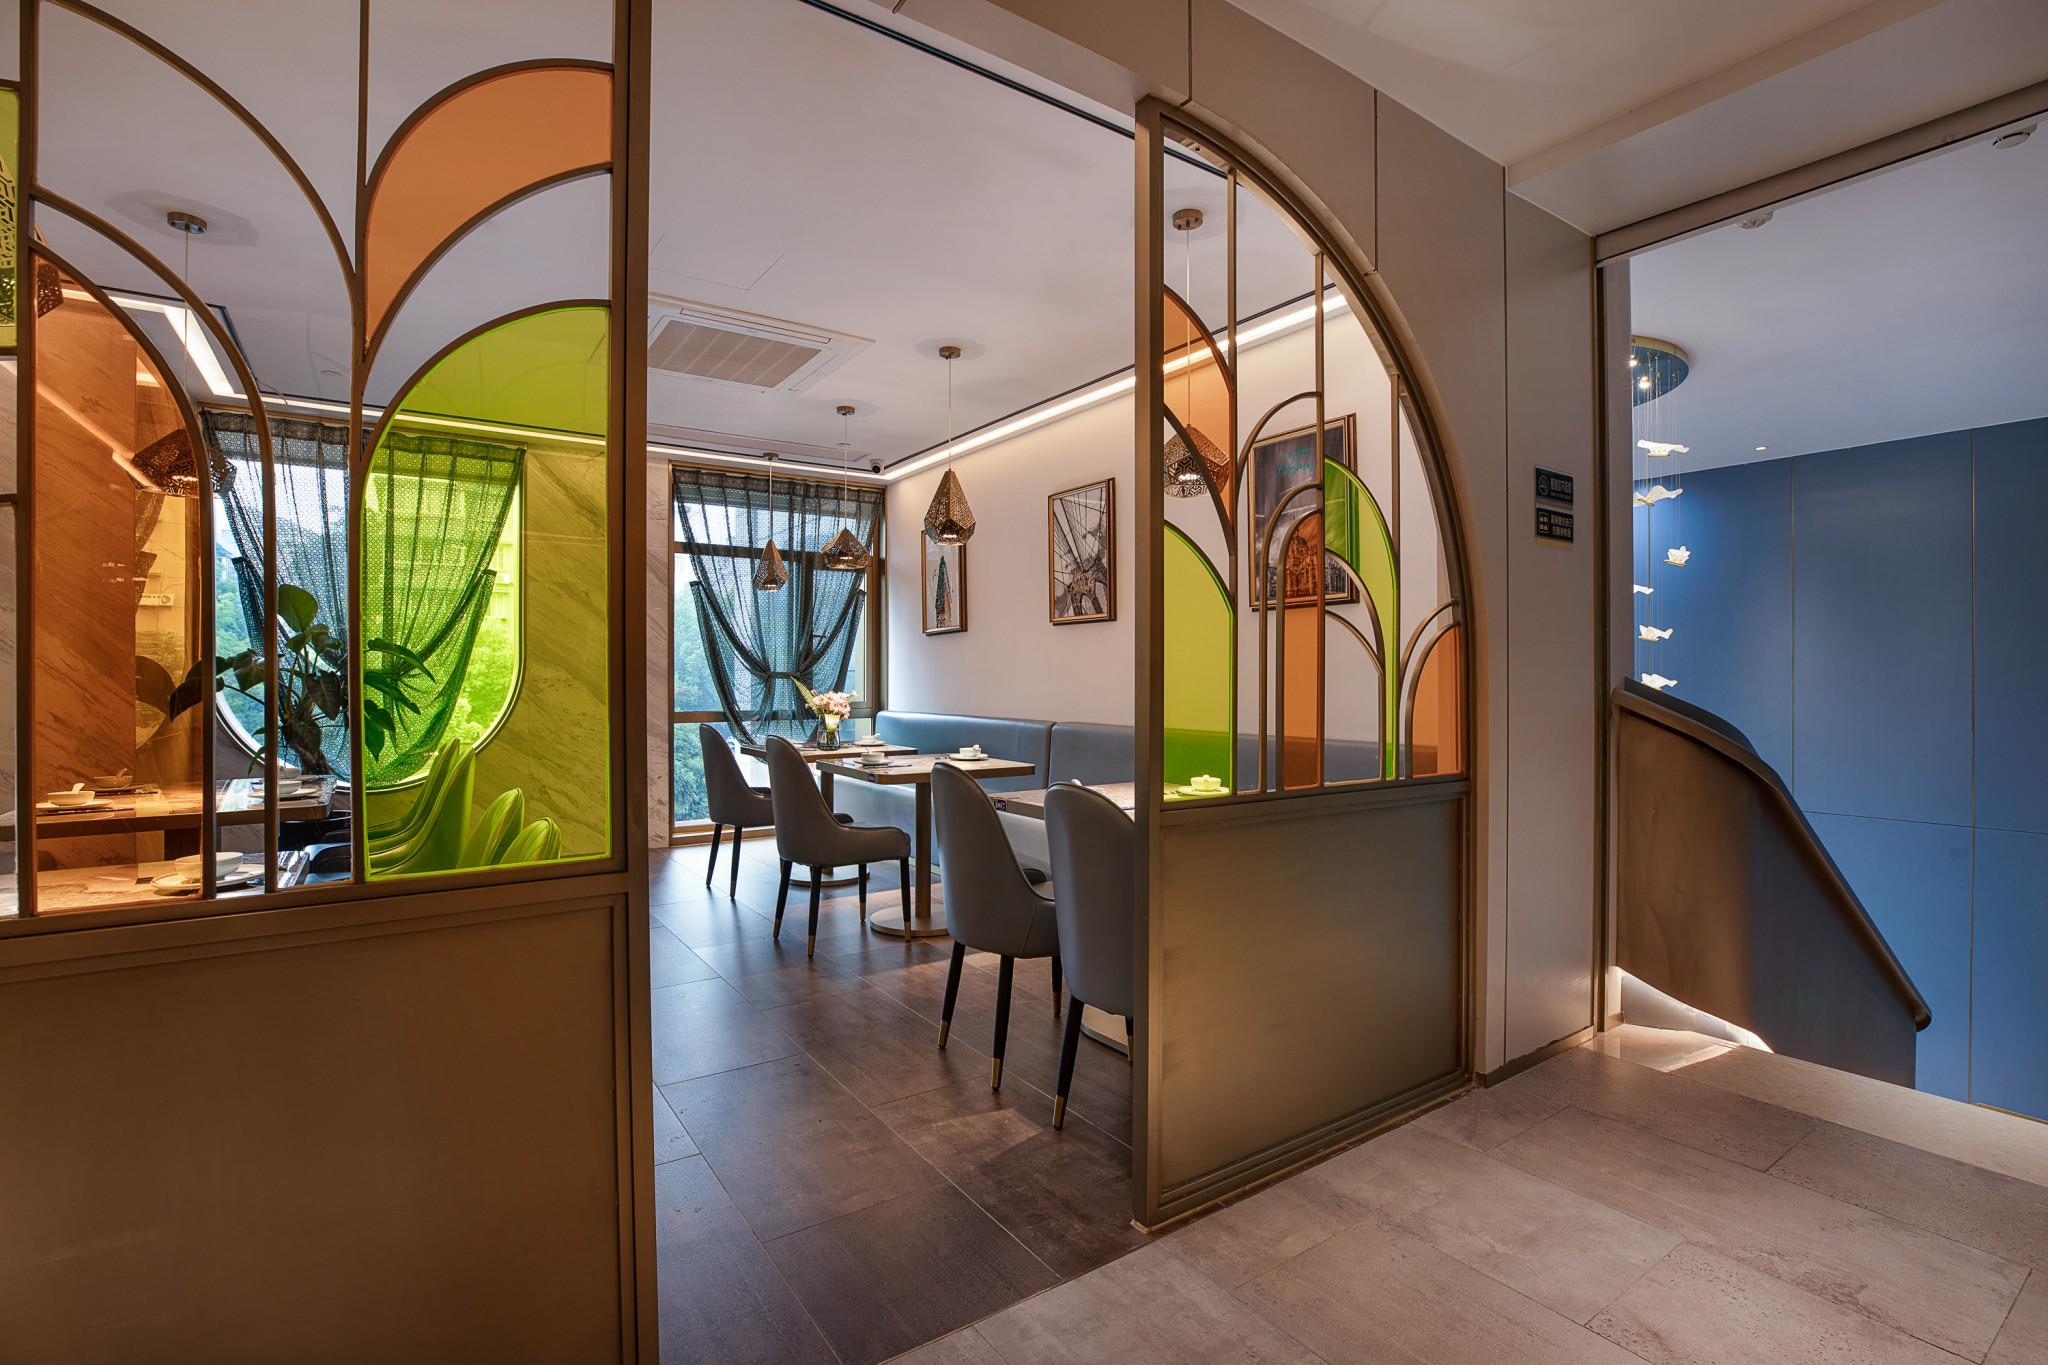 品味回西北菜餐厅设计-杭州餐厅设计-杭州达岸品牌策划设计公司26389ad2282b90e4fc73934a8fd13db0